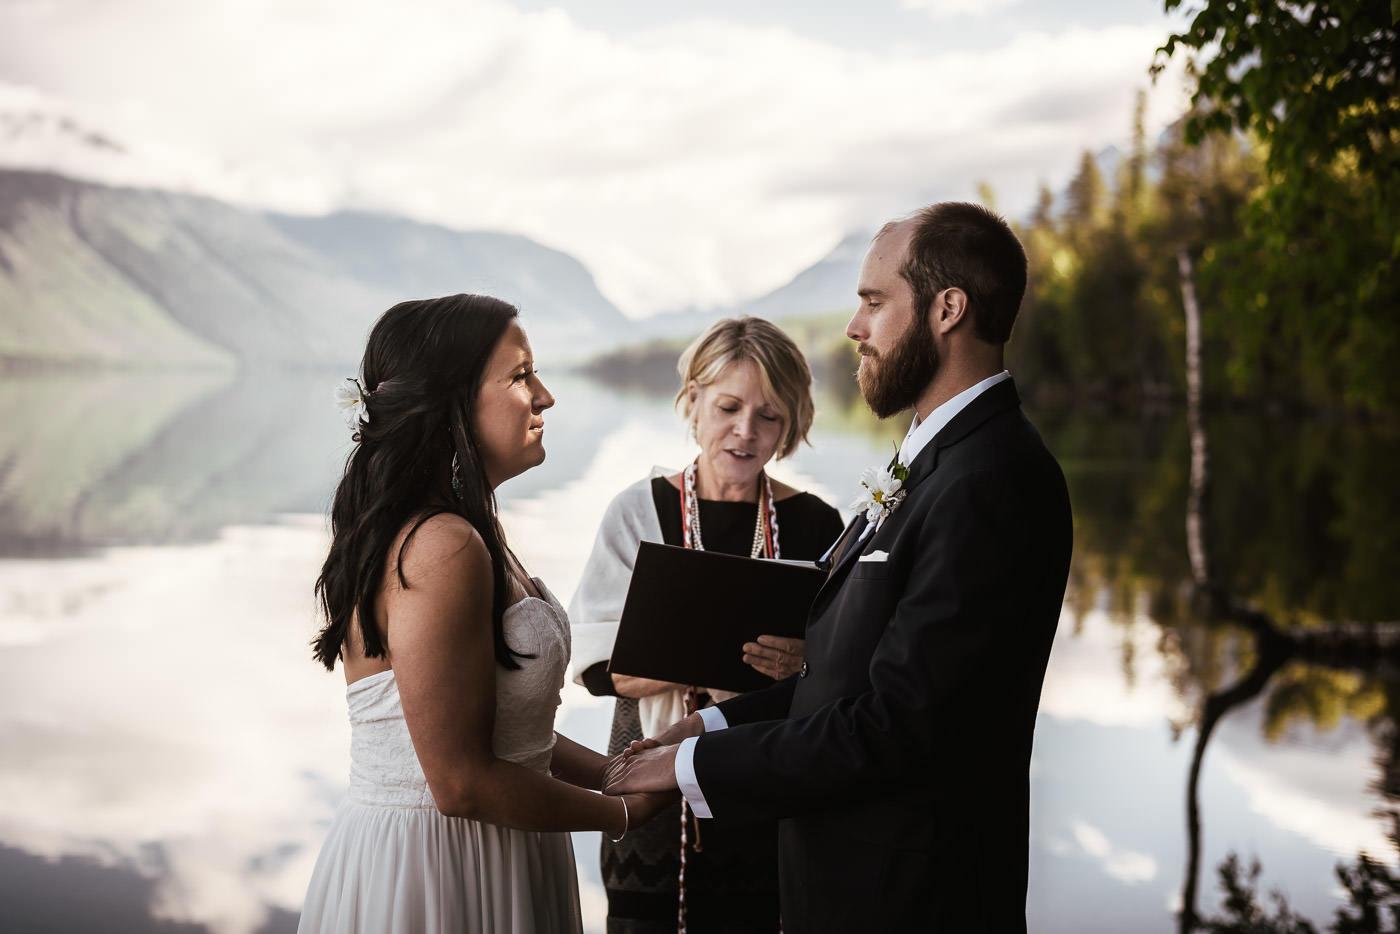 Adventurous elopement photographer in Montana.